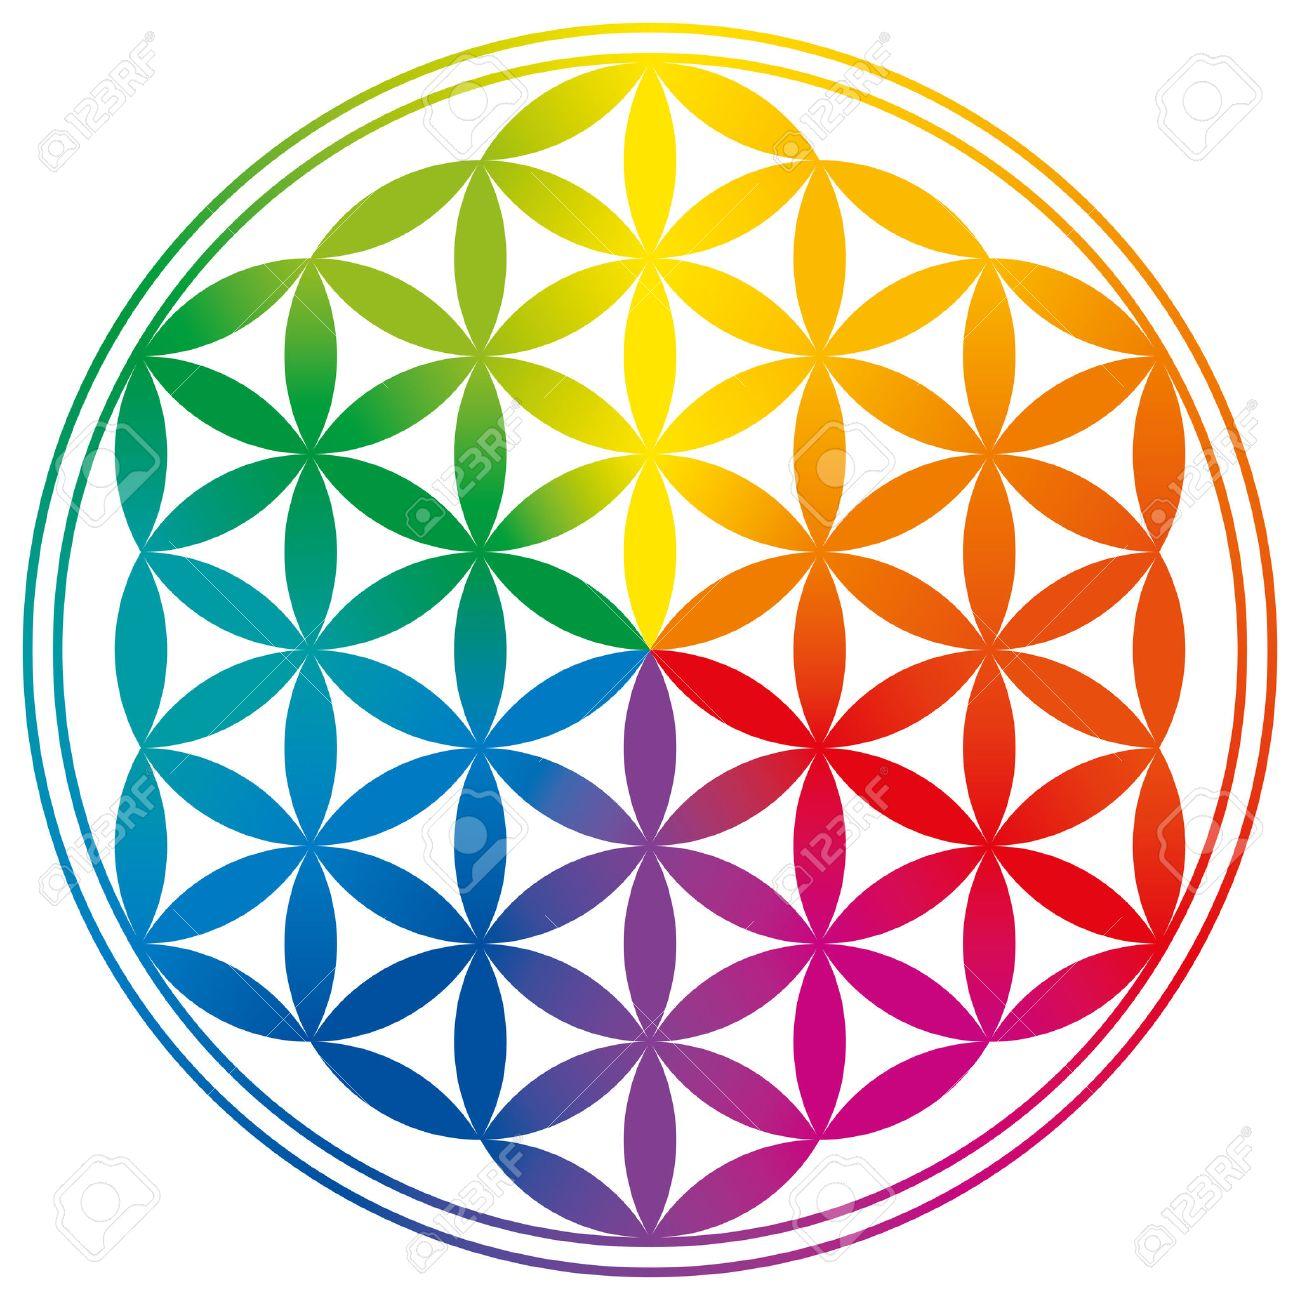 Fleur de Vie avec des dégradés de couleurs arc en ciel. Cercles forment un motif de fleur-like. Un symbole spirituel depuis les temps anciens et la géométrie sacrée. Banque d'images - 34617008